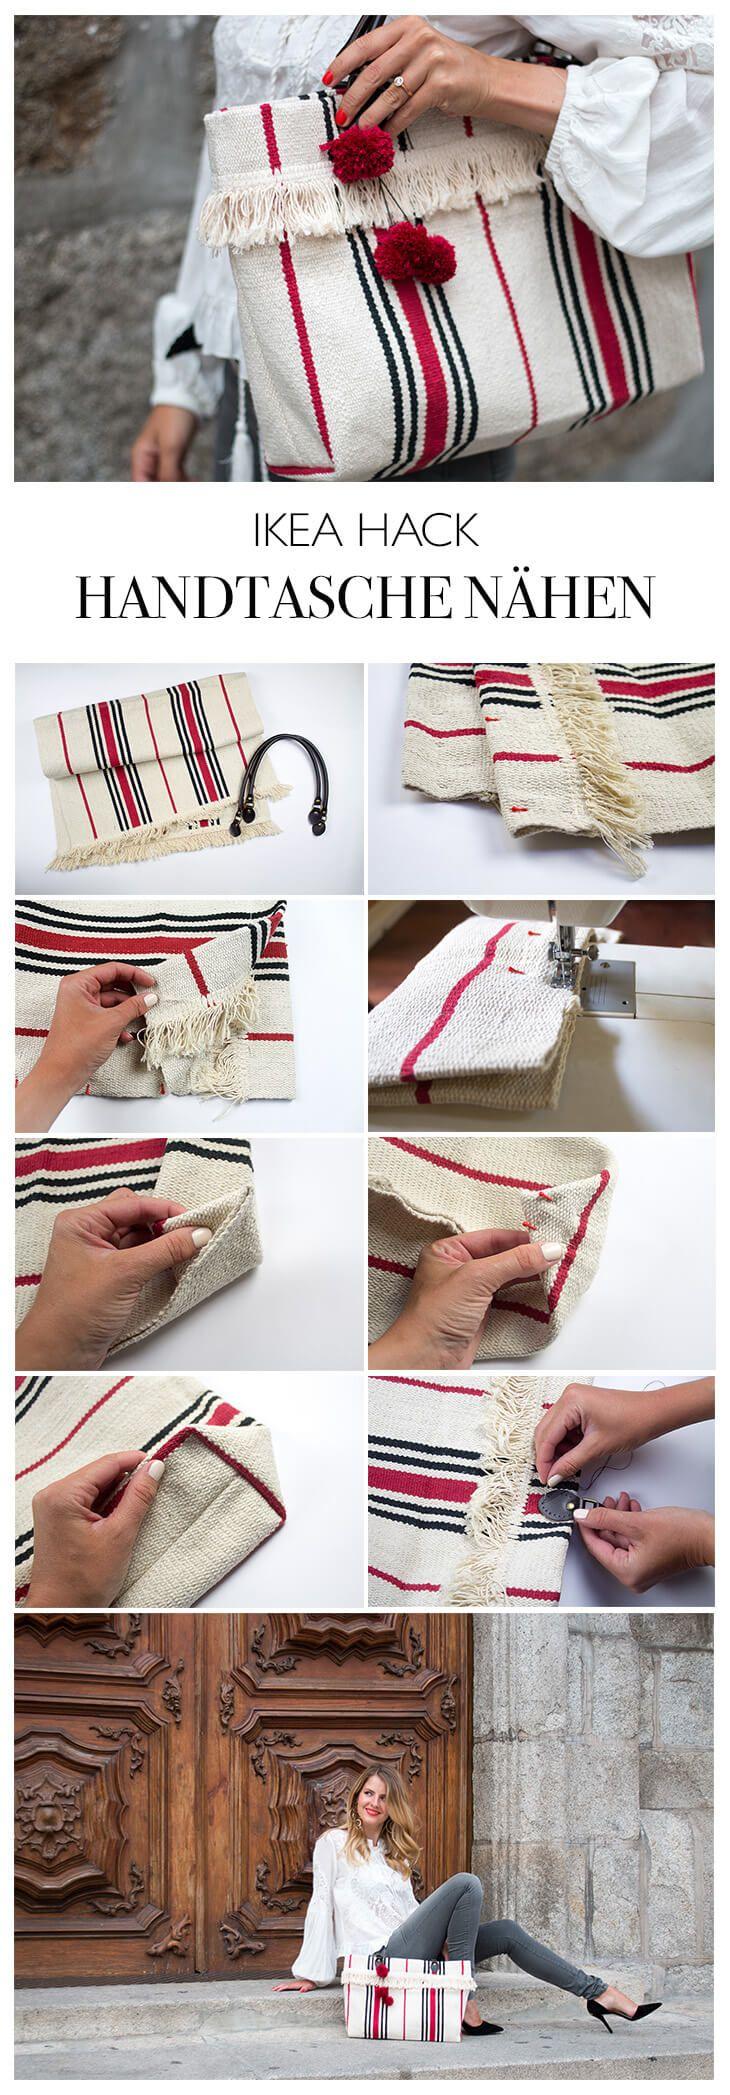 HANDTASCHE SELBER MACHEN #IDEAJOURNEY #IKEAHACK | sac et pochette ...